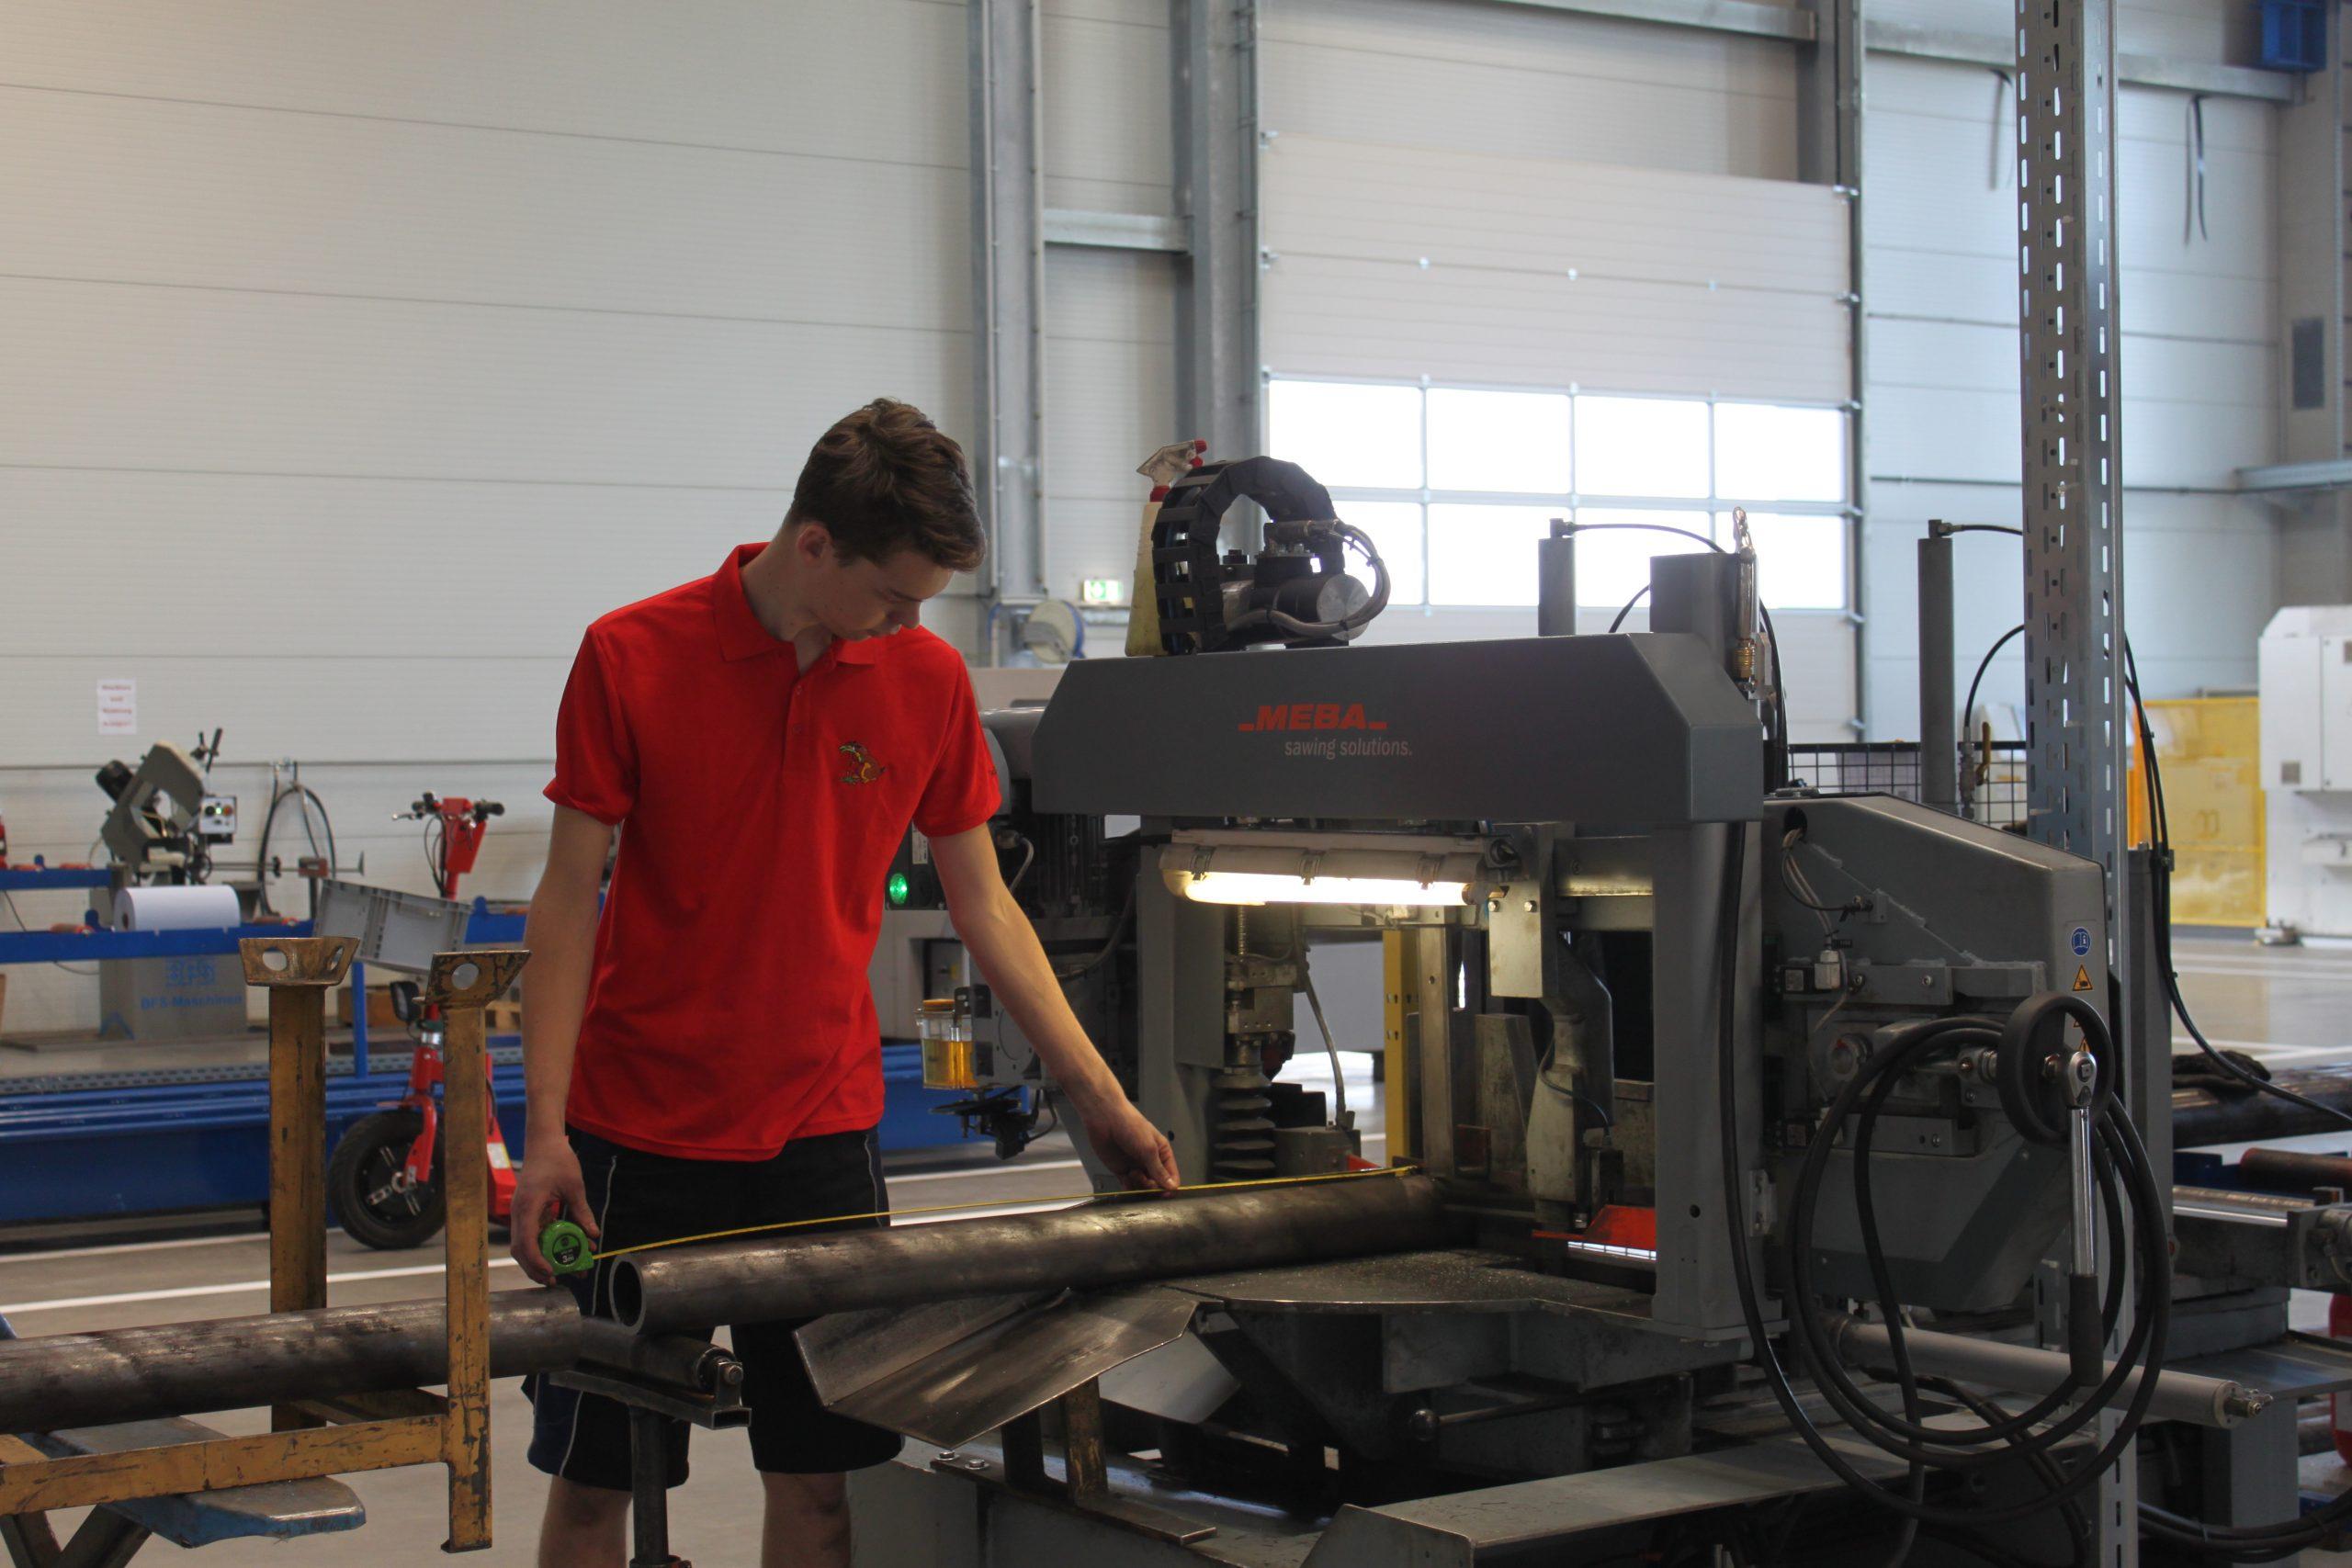 Lehrberuf Metalltechnik (m/w) mit Hauptmodul Maschinenbautechnik